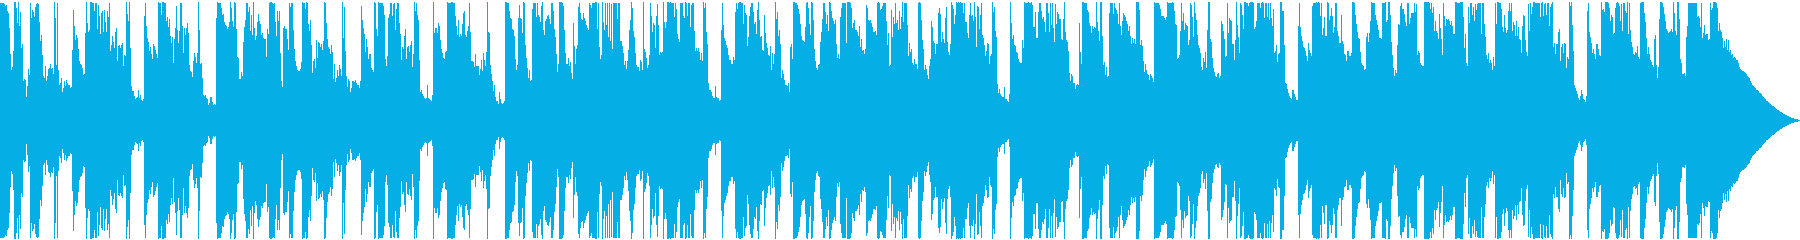 レゲエ スカし ほのぼの 幸せ 美...の再生済みの波形